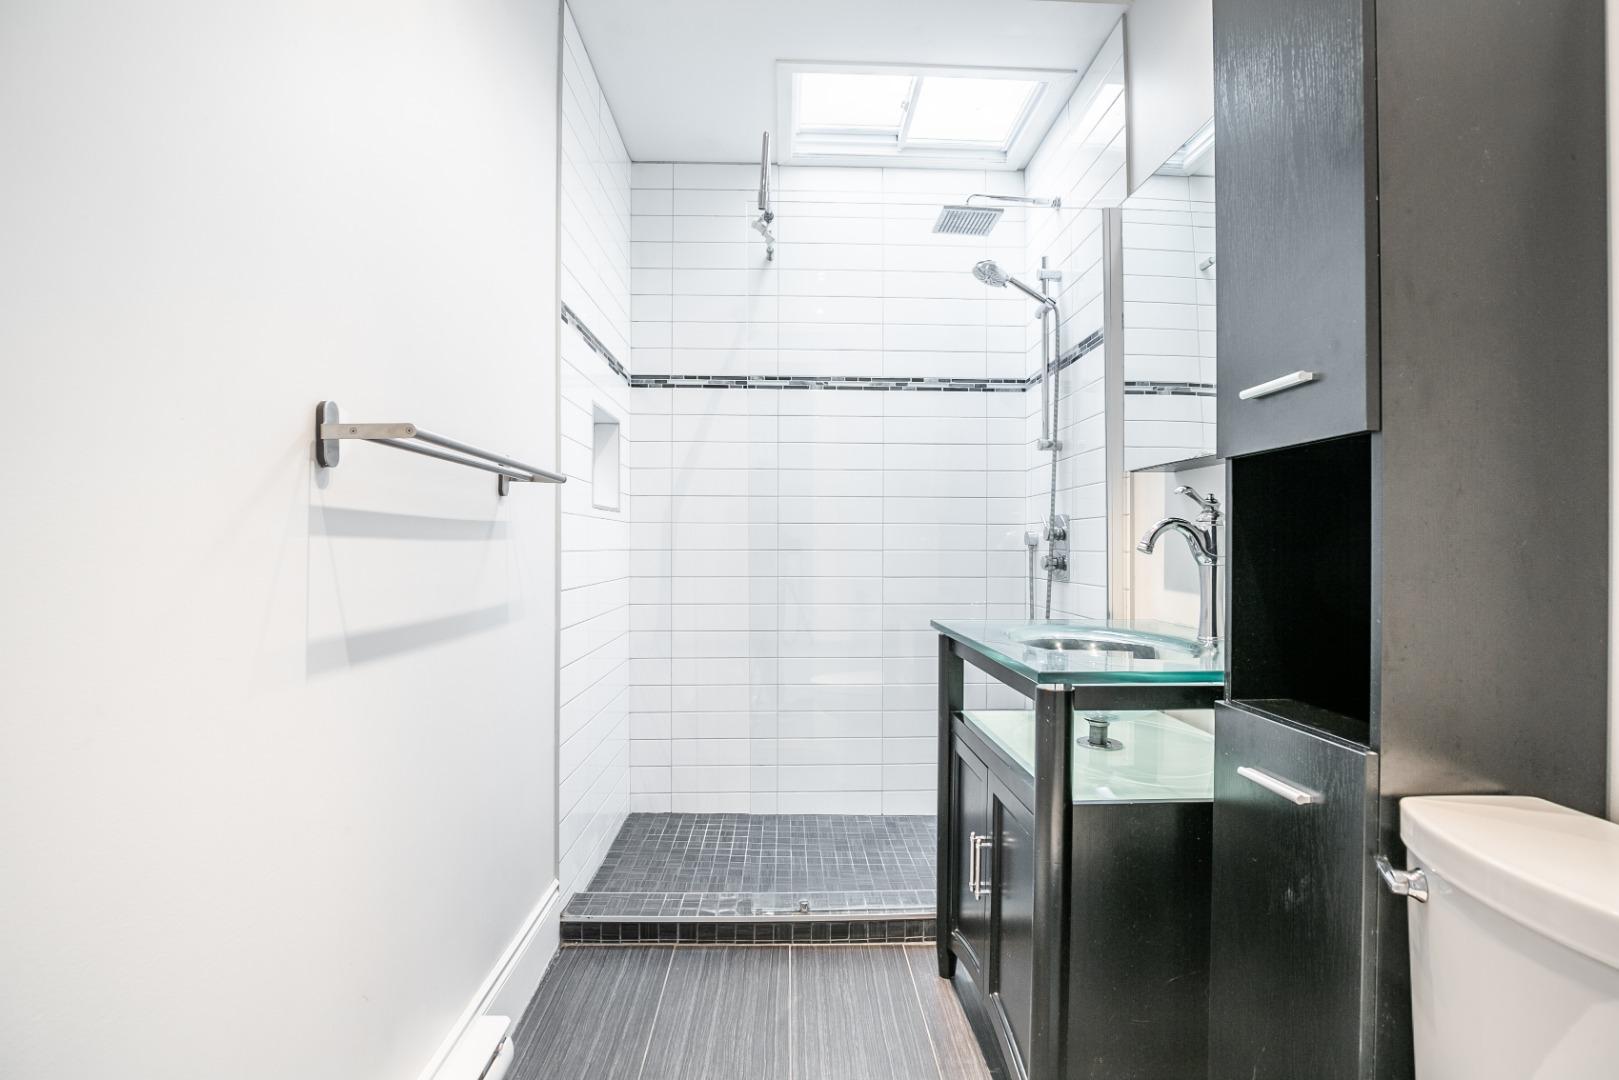 Appartement à louer Rosemont - 6403, rue de Bordeaux 19